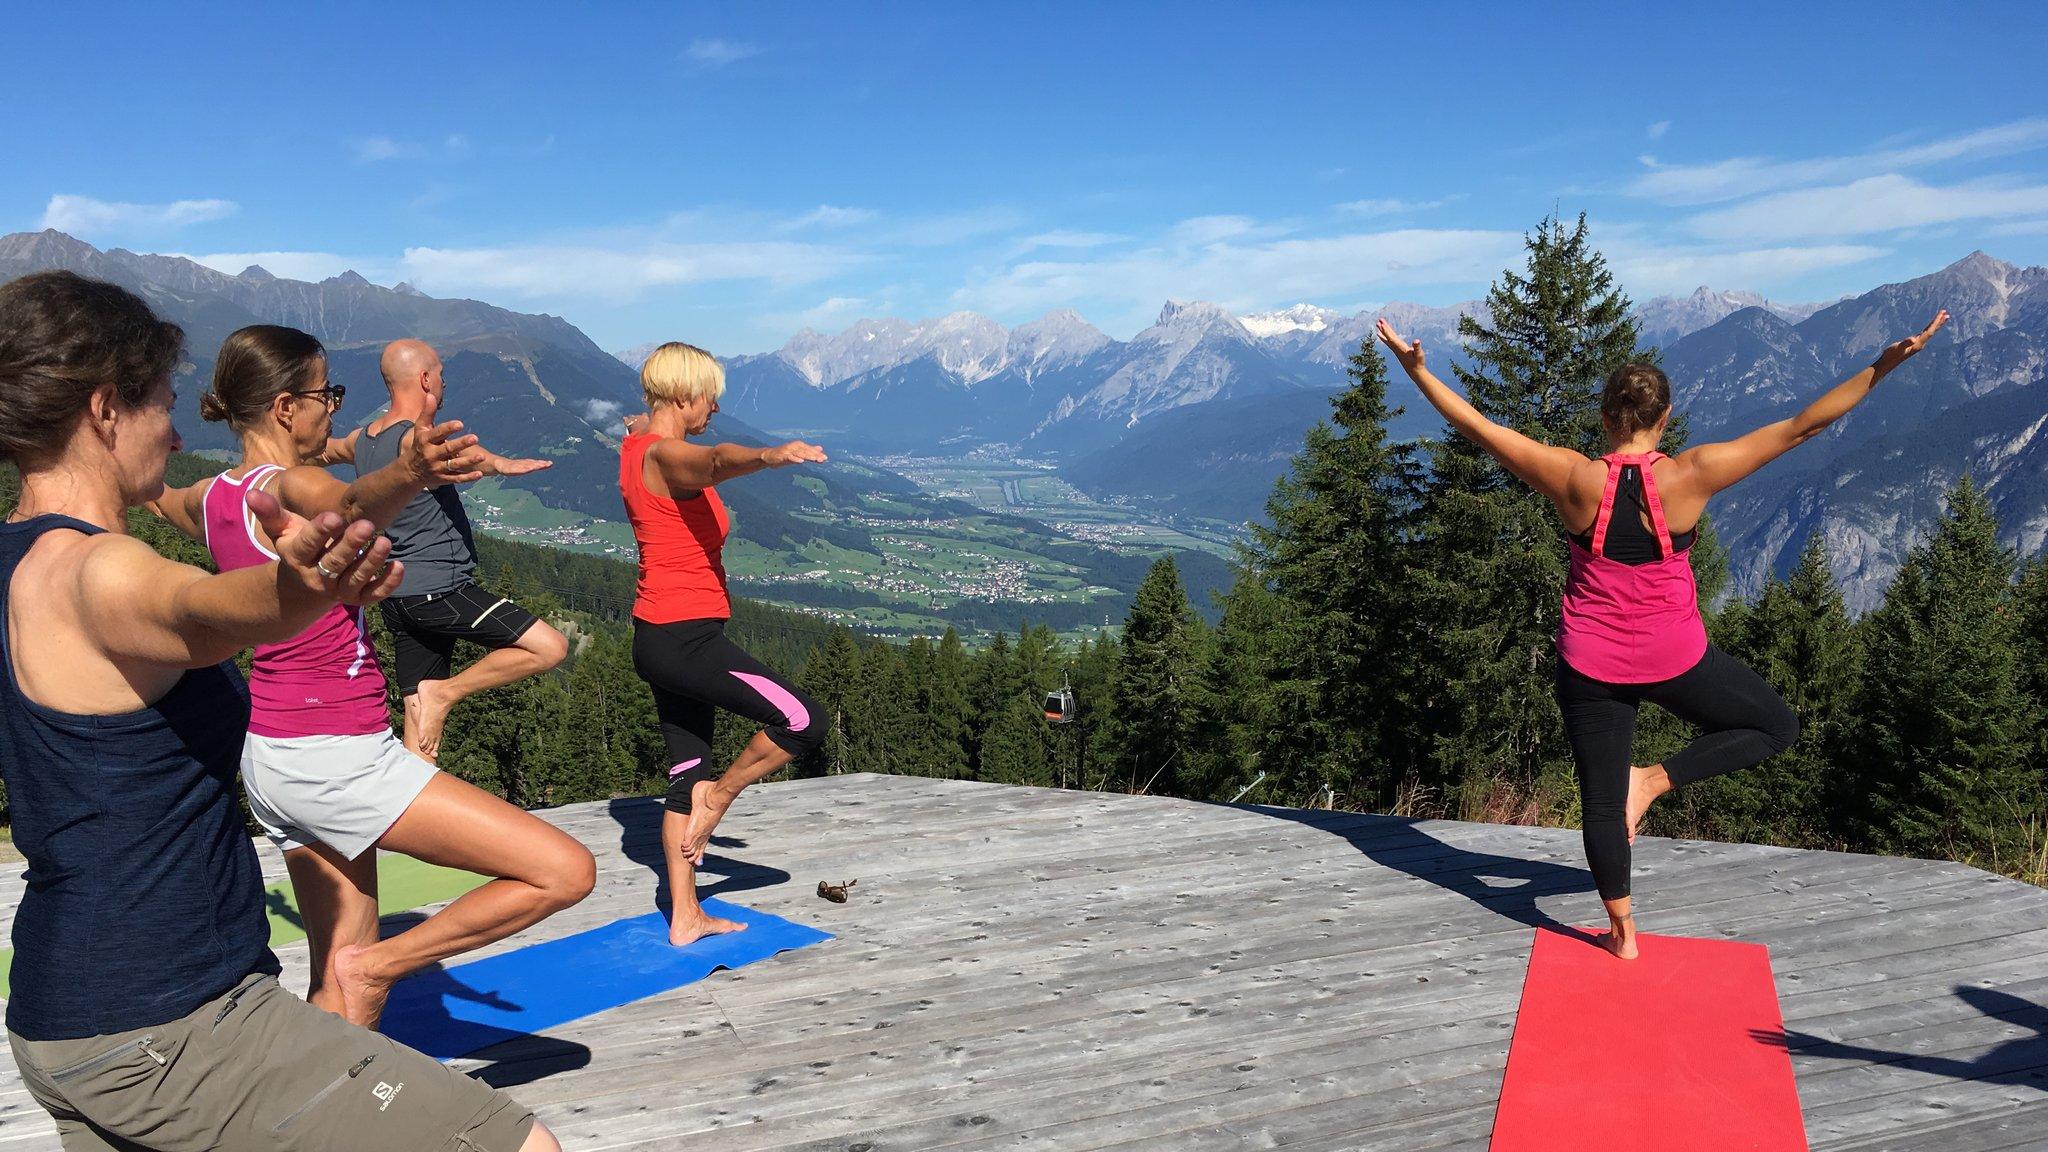 Wandern und Yoga auf dem Vormarsch - Innsbruck